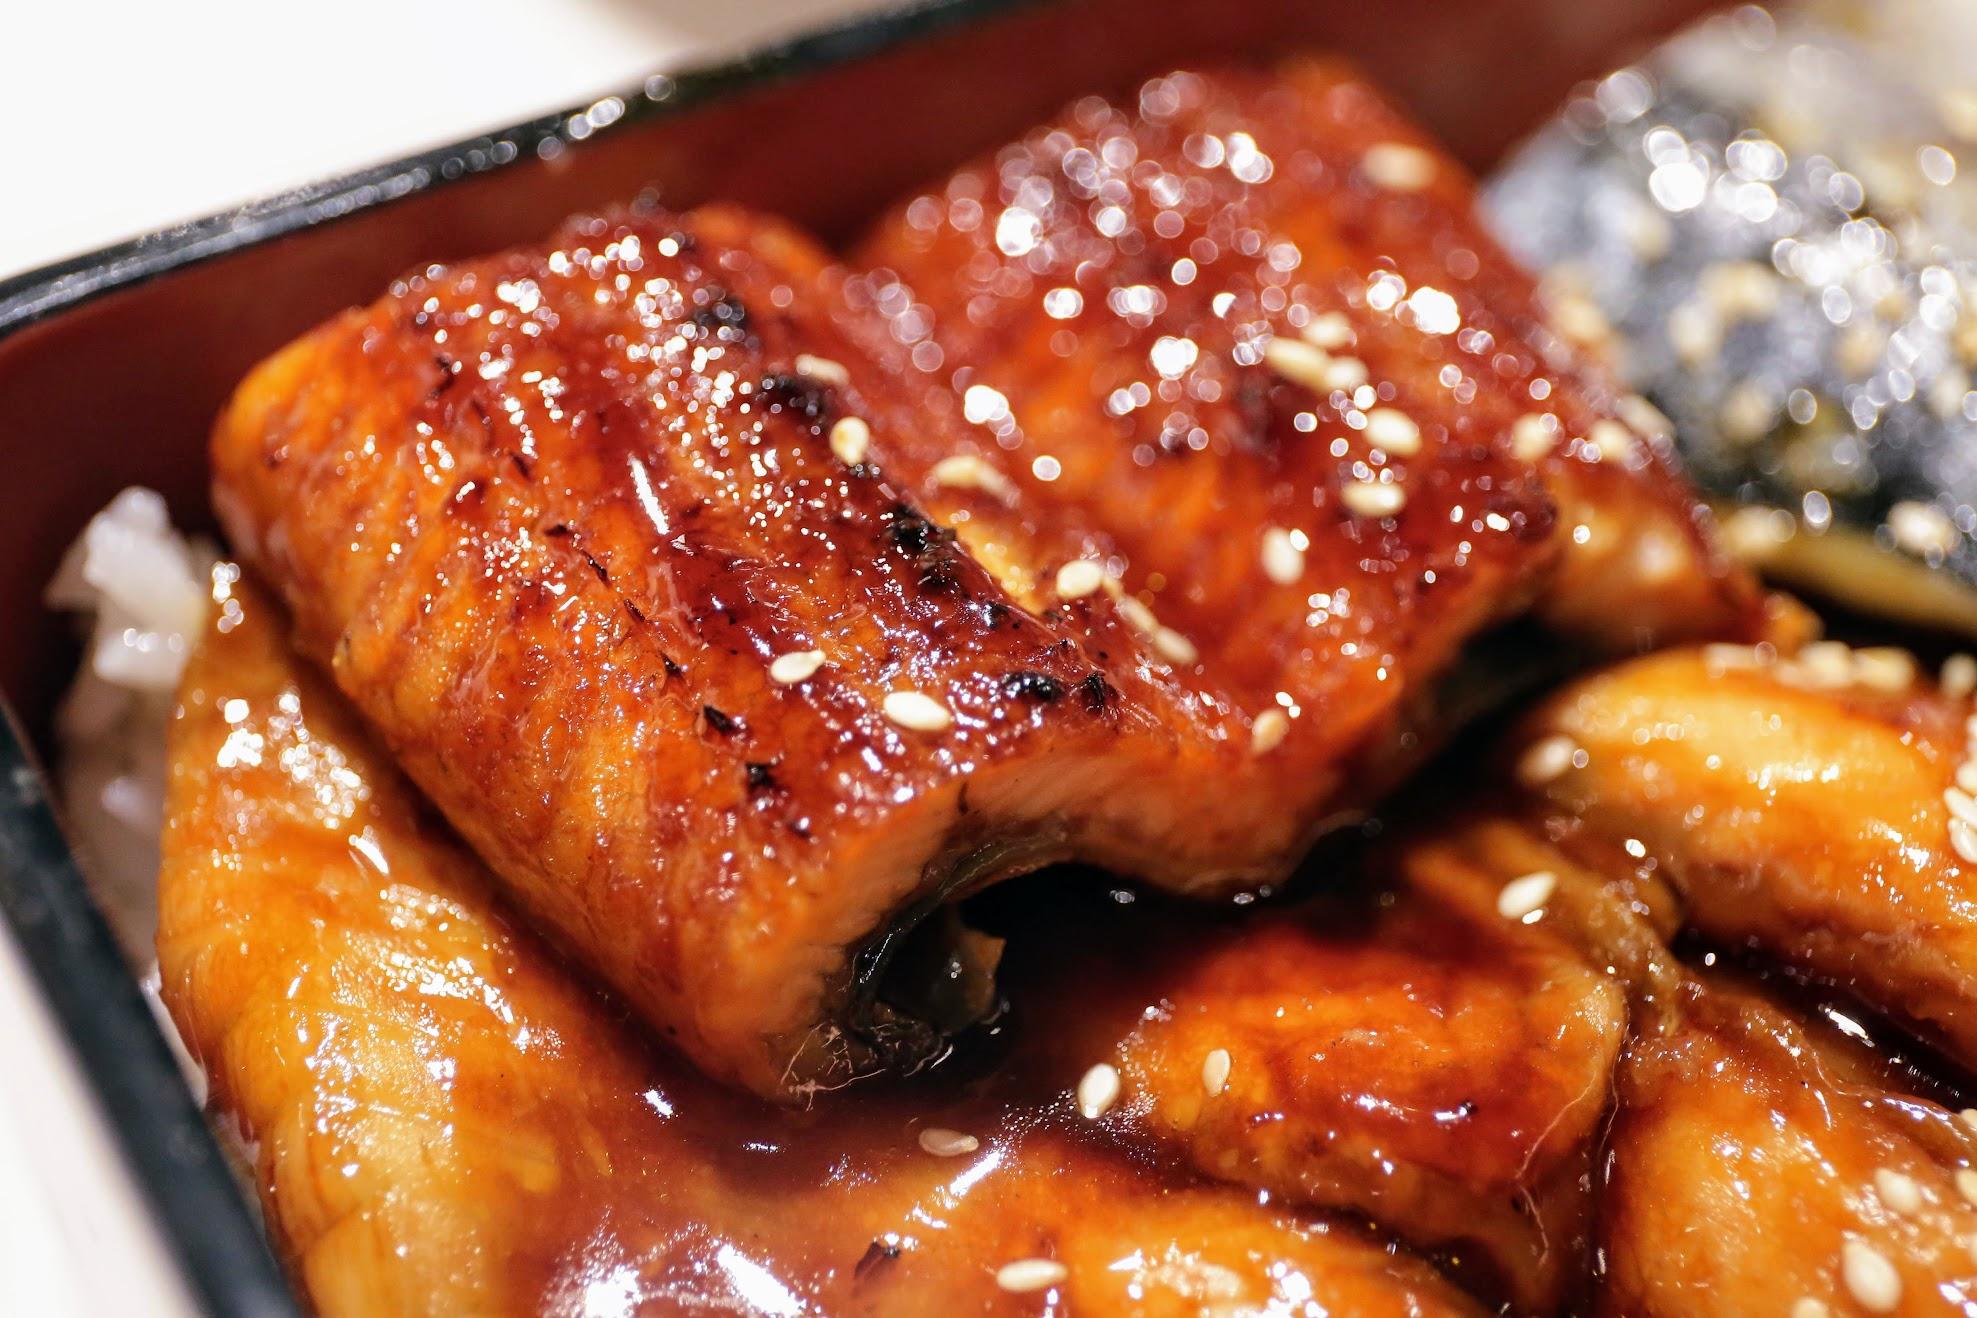 鰻魚鹹鹹甜甜的,肉質Q